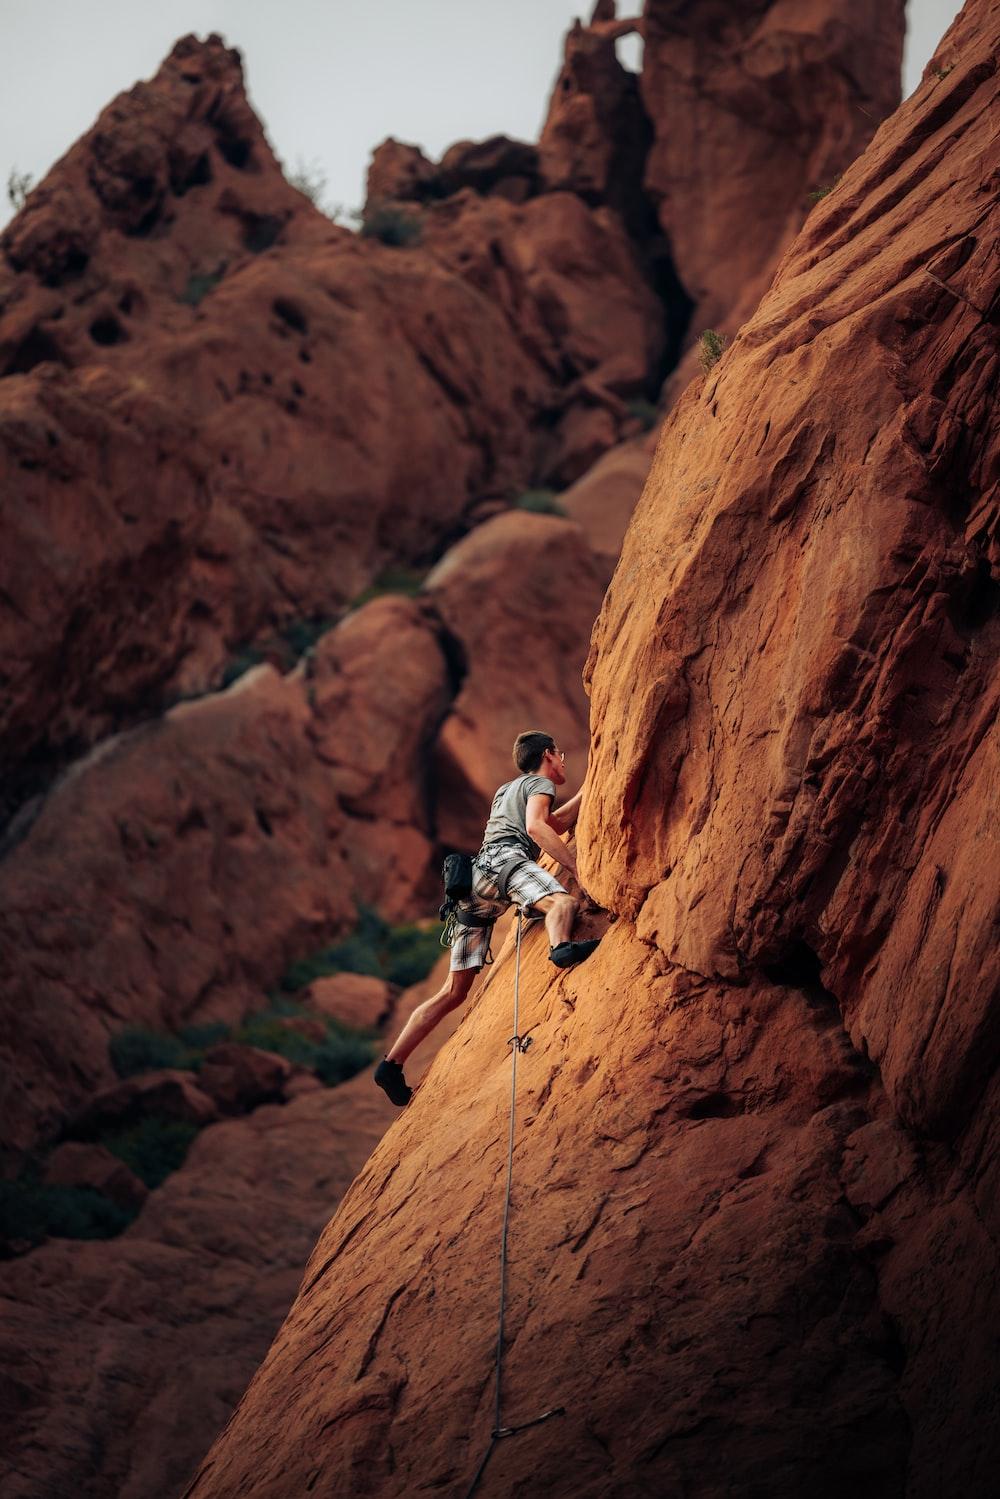 man in white shirt climbing brown rock mountain during daytime